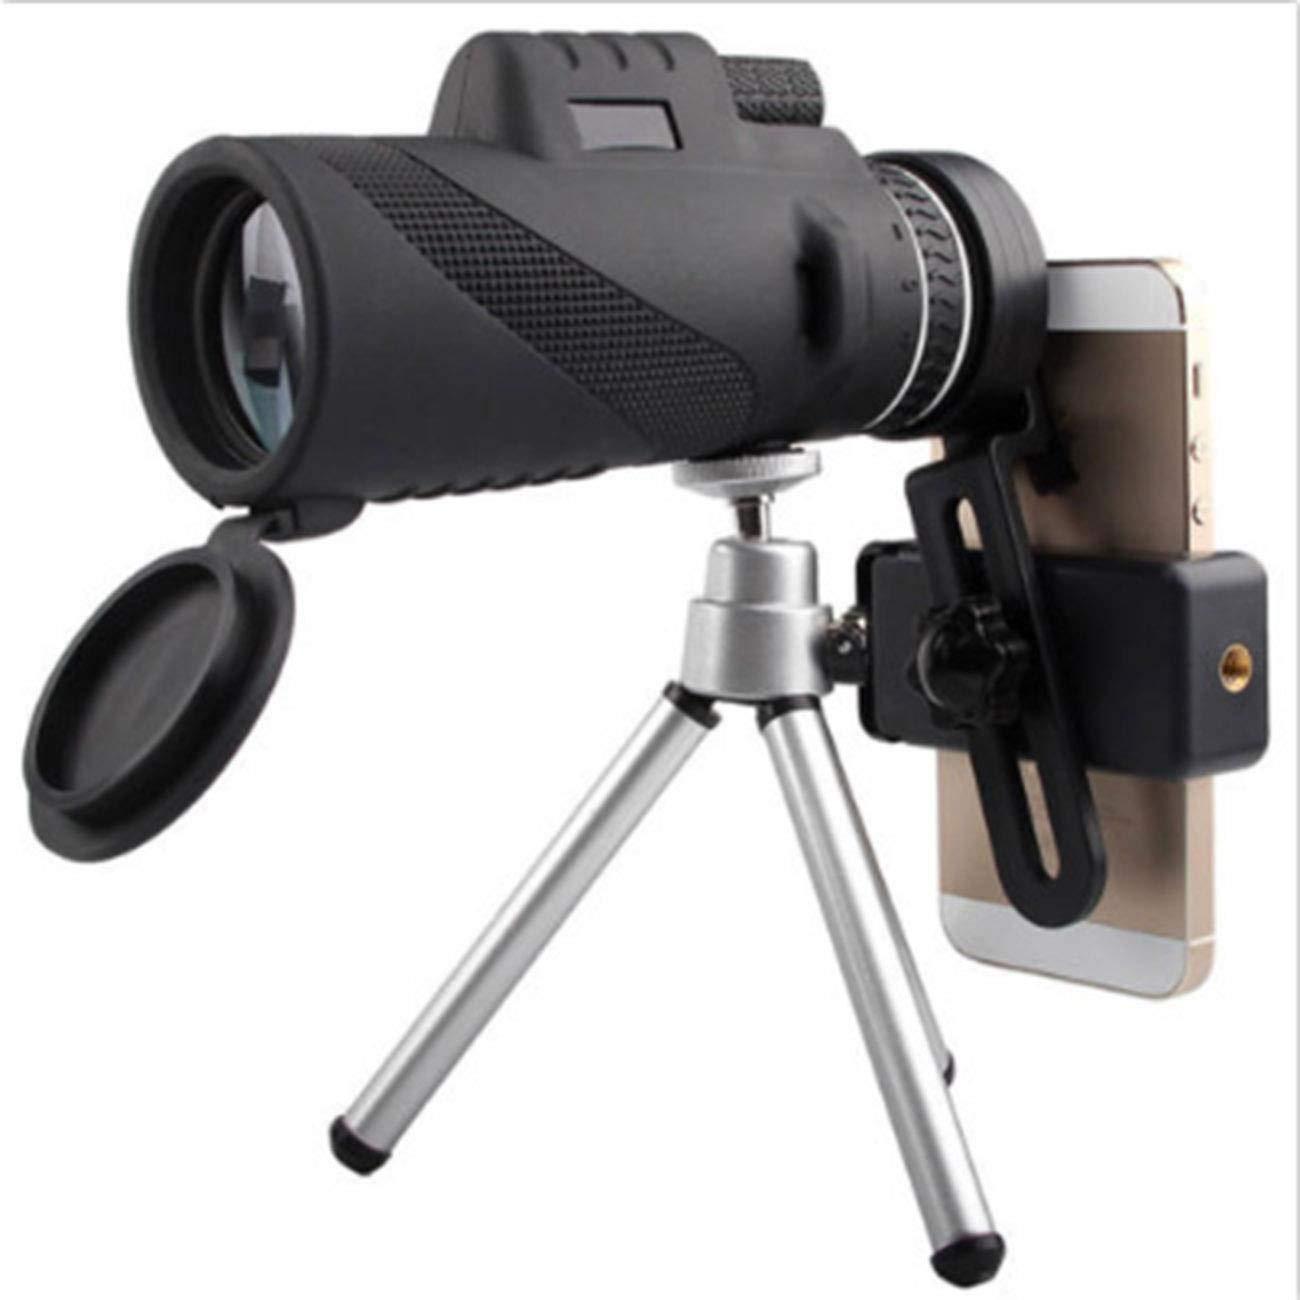 【2019春夏新色】 WICHEMI 高解像度 単眼鏡 望遠鏡 bak4 単眼鏡 クイックスマートフォンホルダー ハイキング 40X60 防水 高解像度 単眼鏡 望遠鏡 bak4 プリズム Wil-Bird Watching Hunting Camping ハイキング B07JMSSVBK, Vibram Fivefingers Japan:0dfcd178 --- a0267596.xsph.ru